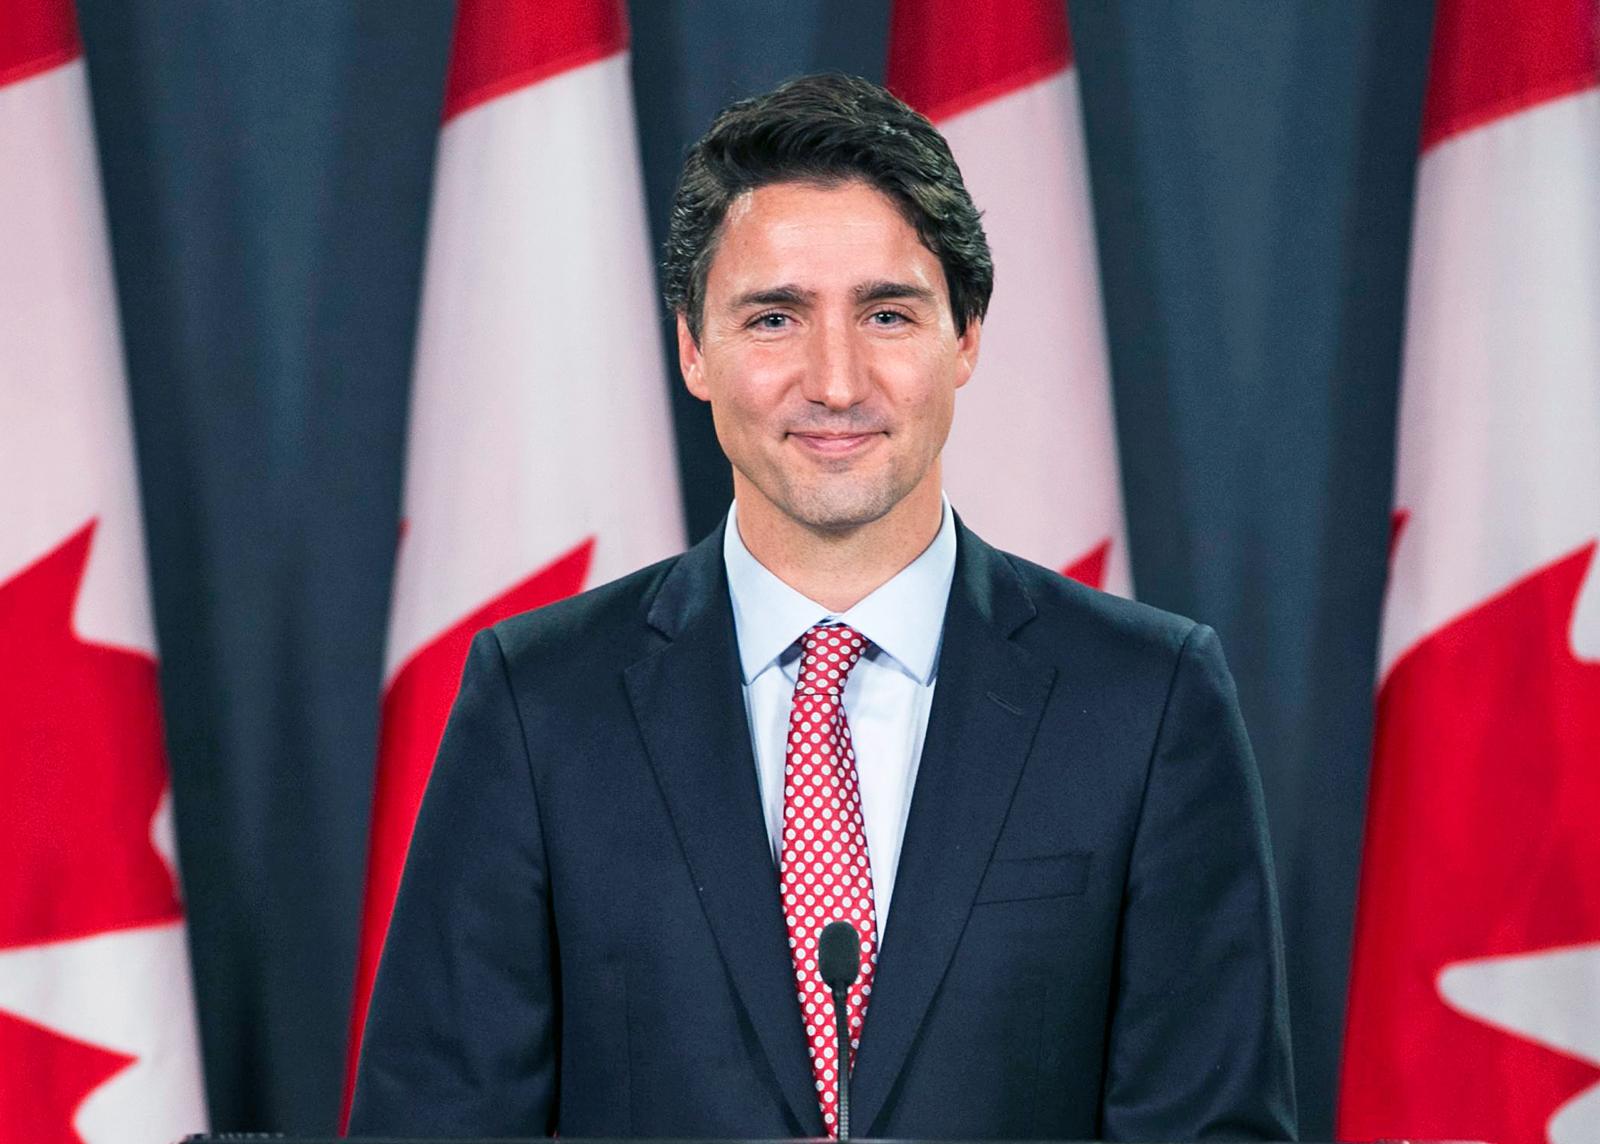 Từng khiến chị em phát cuồng vì thay vợ dọn nhà cửa và chăm 3 con, Thủ tướng Canada giờ gây sốt với loạt ảnh hồi trẻ đẹp tựa nam thần - Ảnh 8.